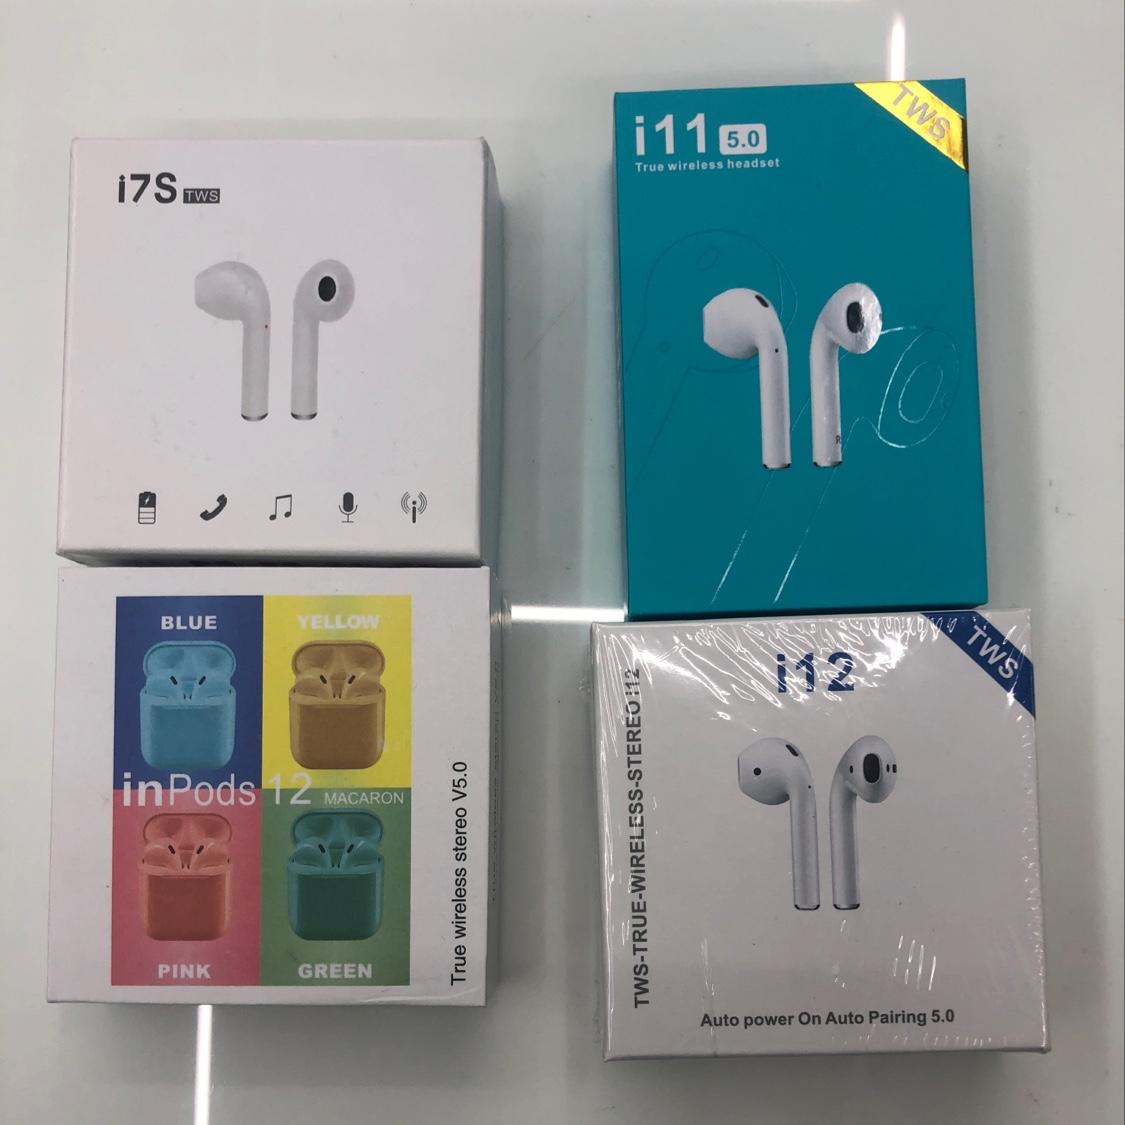 爱虎耳机 蓝牙耳机 无线便携式蓝牙耳机 i12 i11 马卡龙